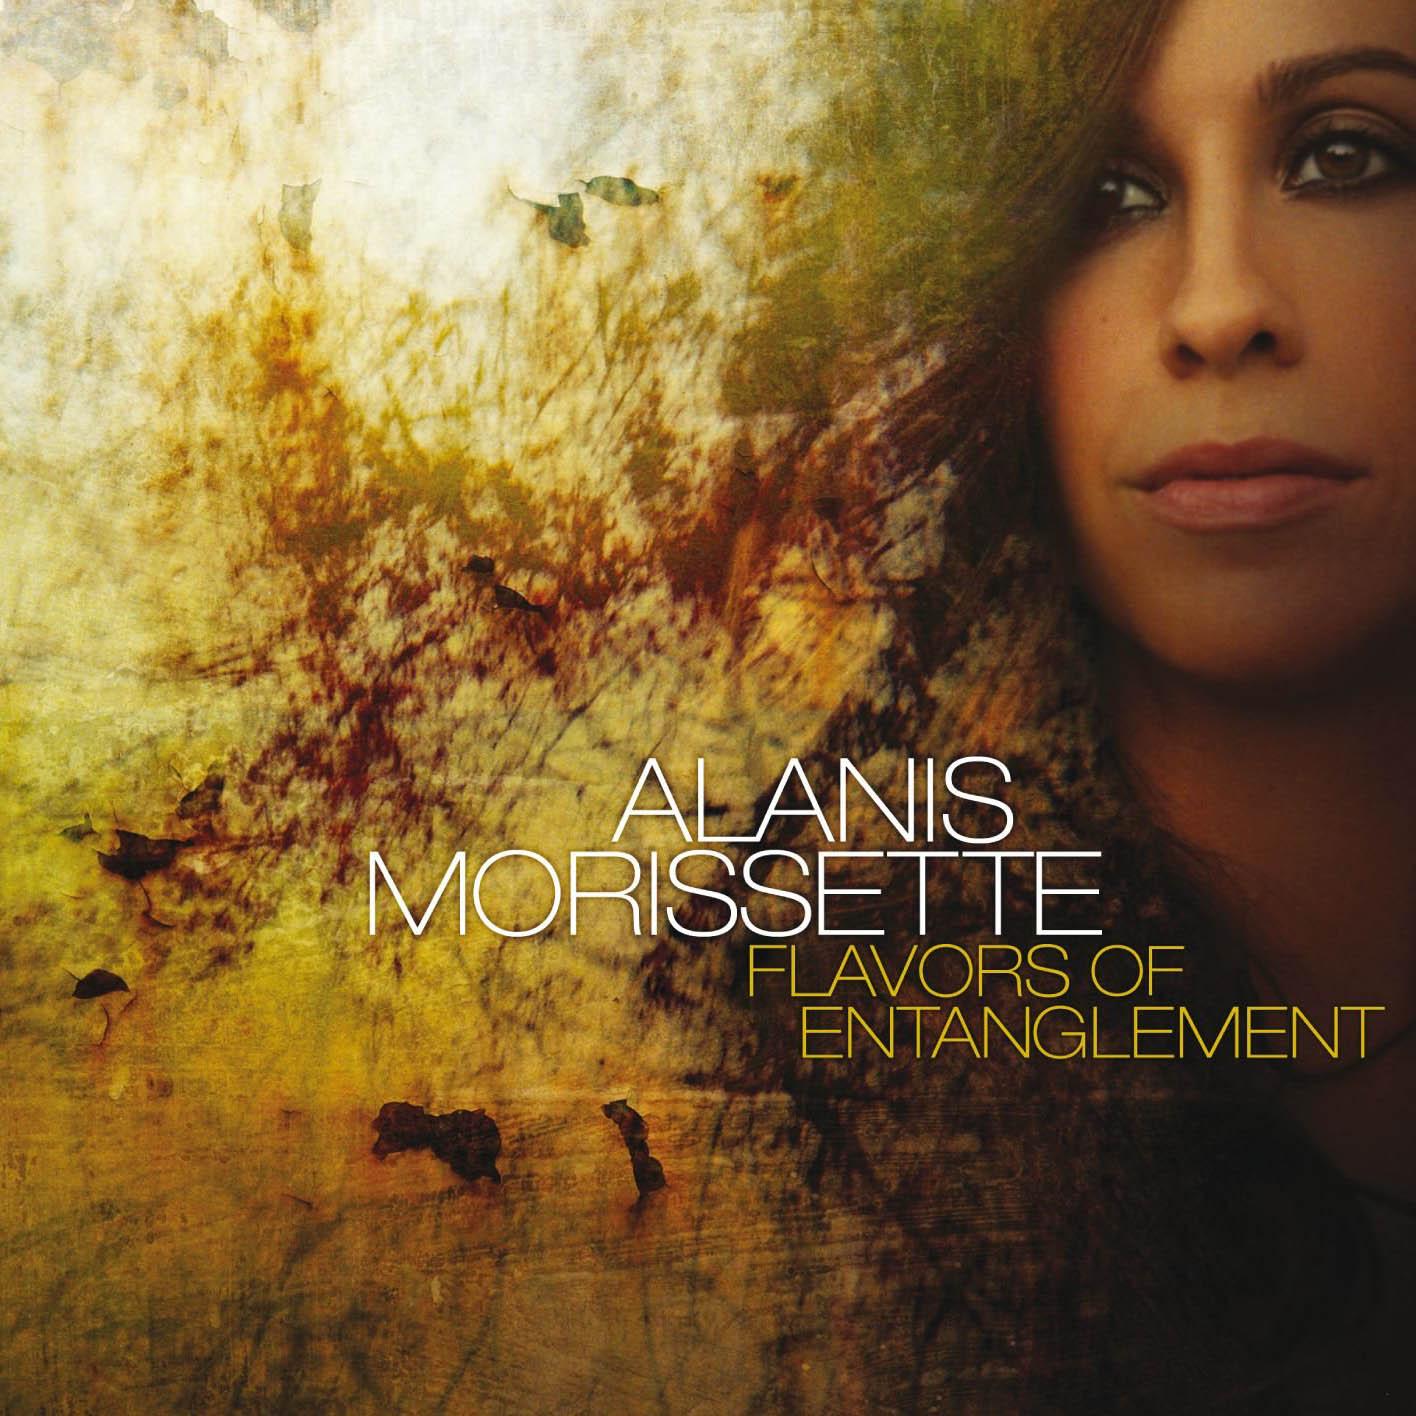 Alanis Morissette, Flavors of Entanglement